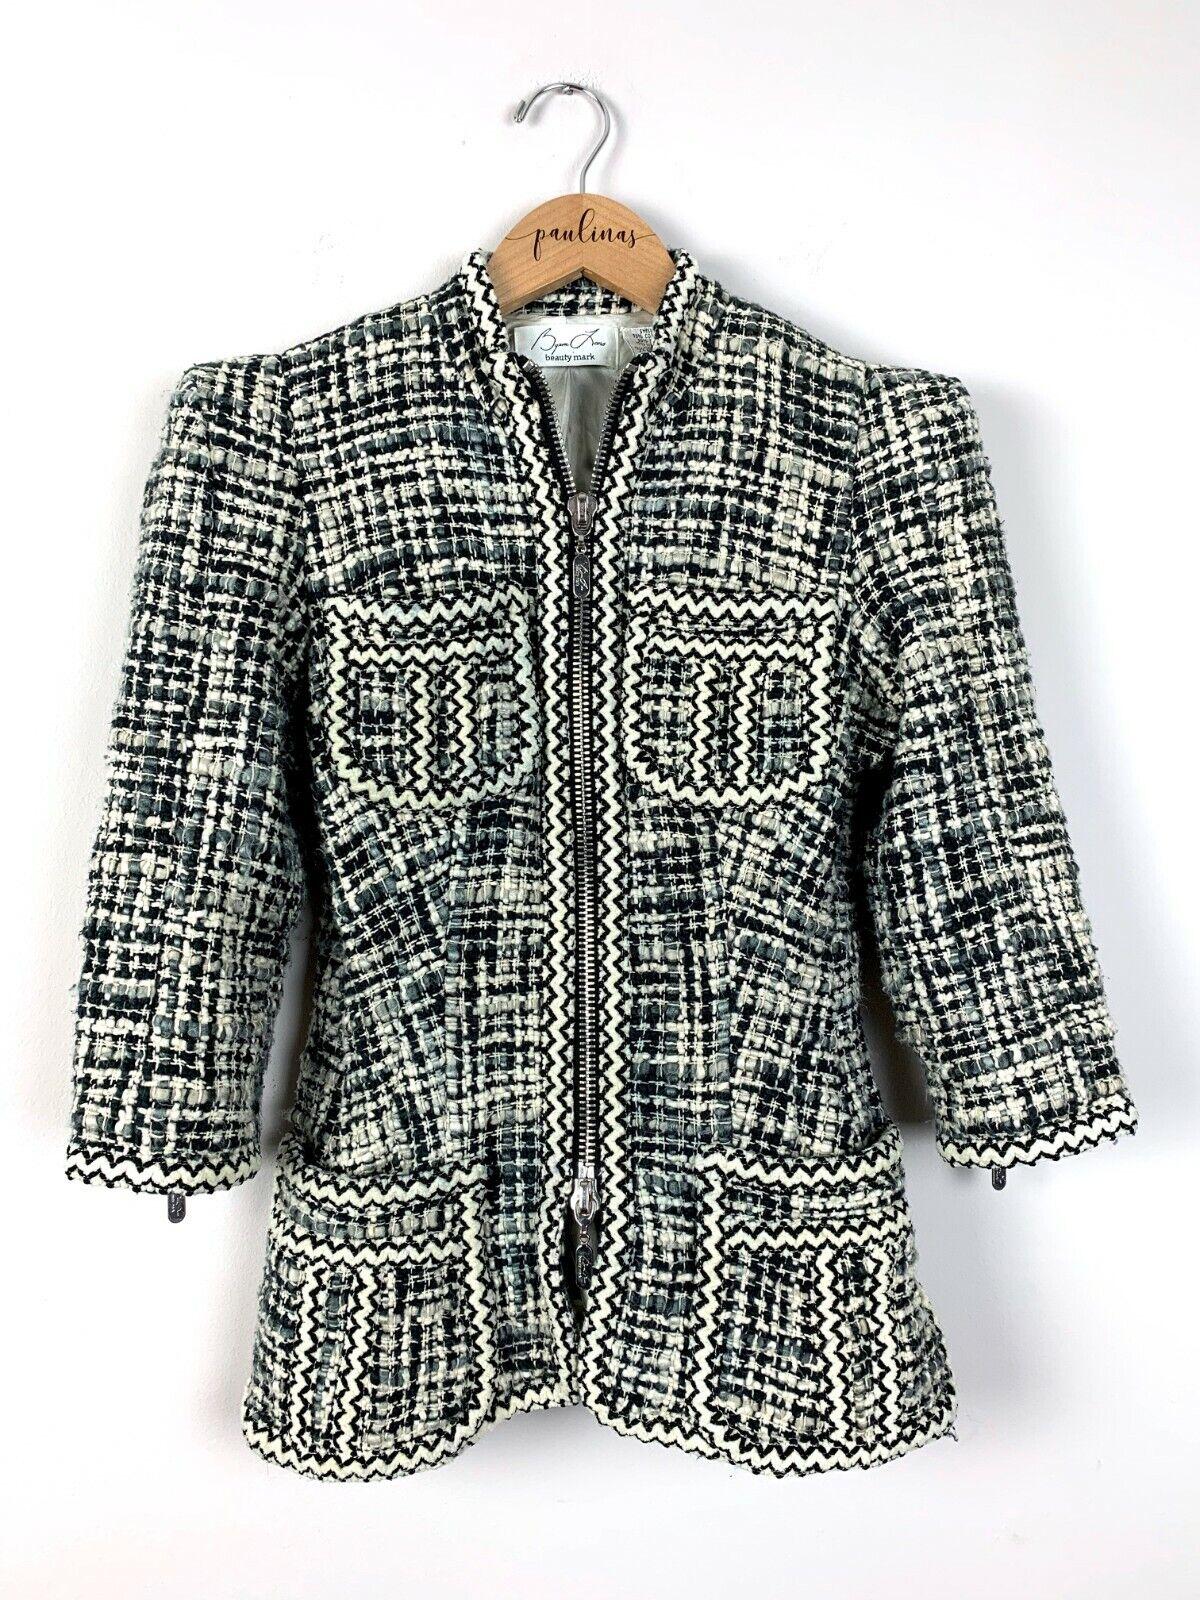 Anthro Byron Lars Beauty Mark Black Tweed Beaded Jacket Coat Size 2 XS